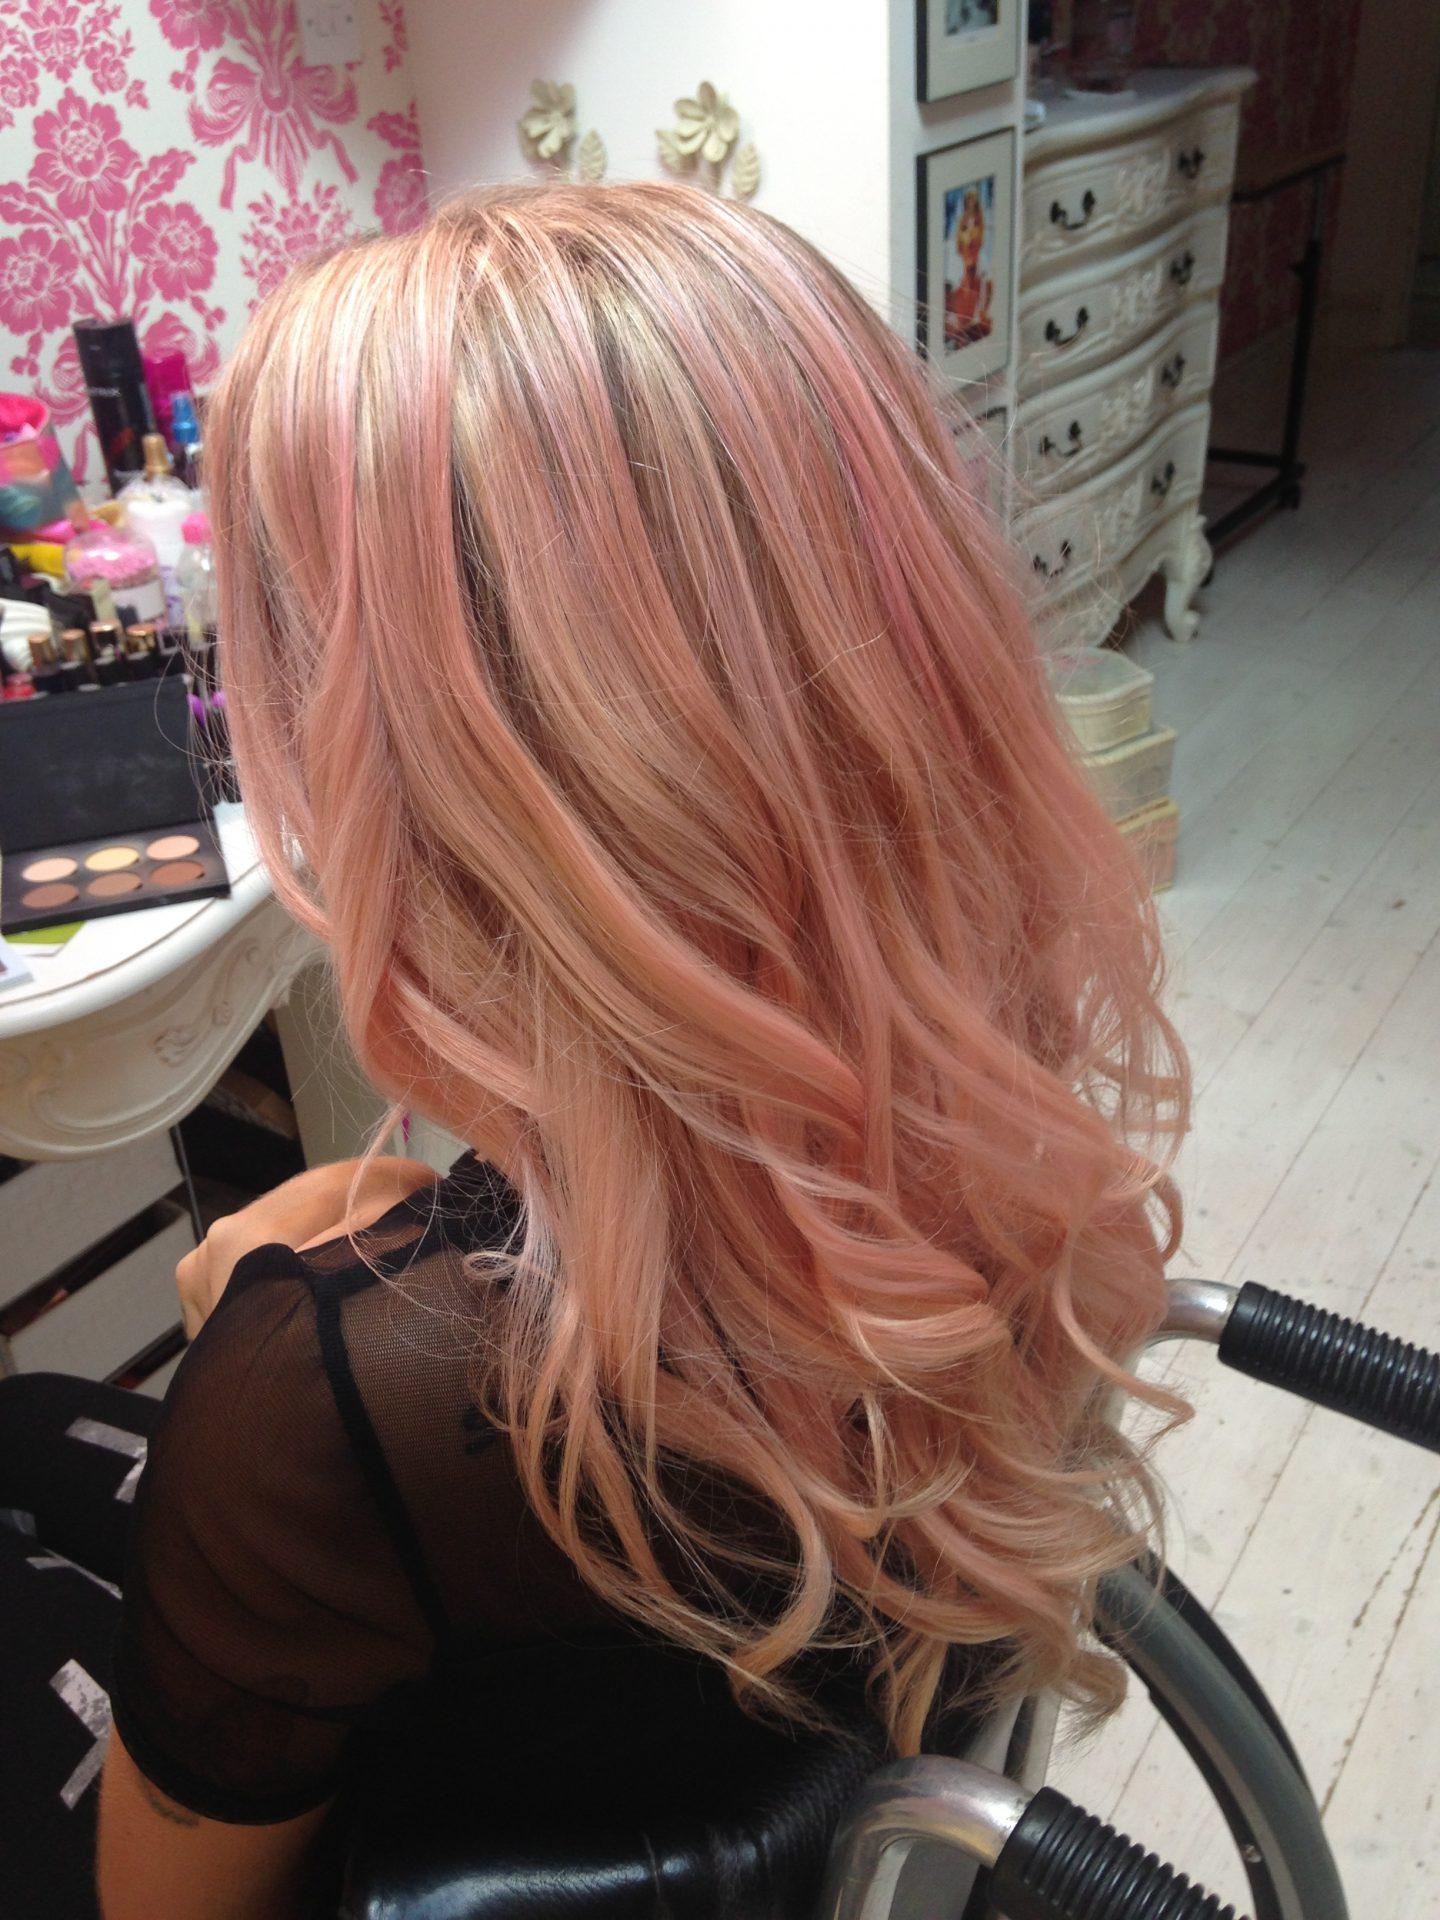 Bleach London Super Cool Colour Dye Review - Awkward Peach